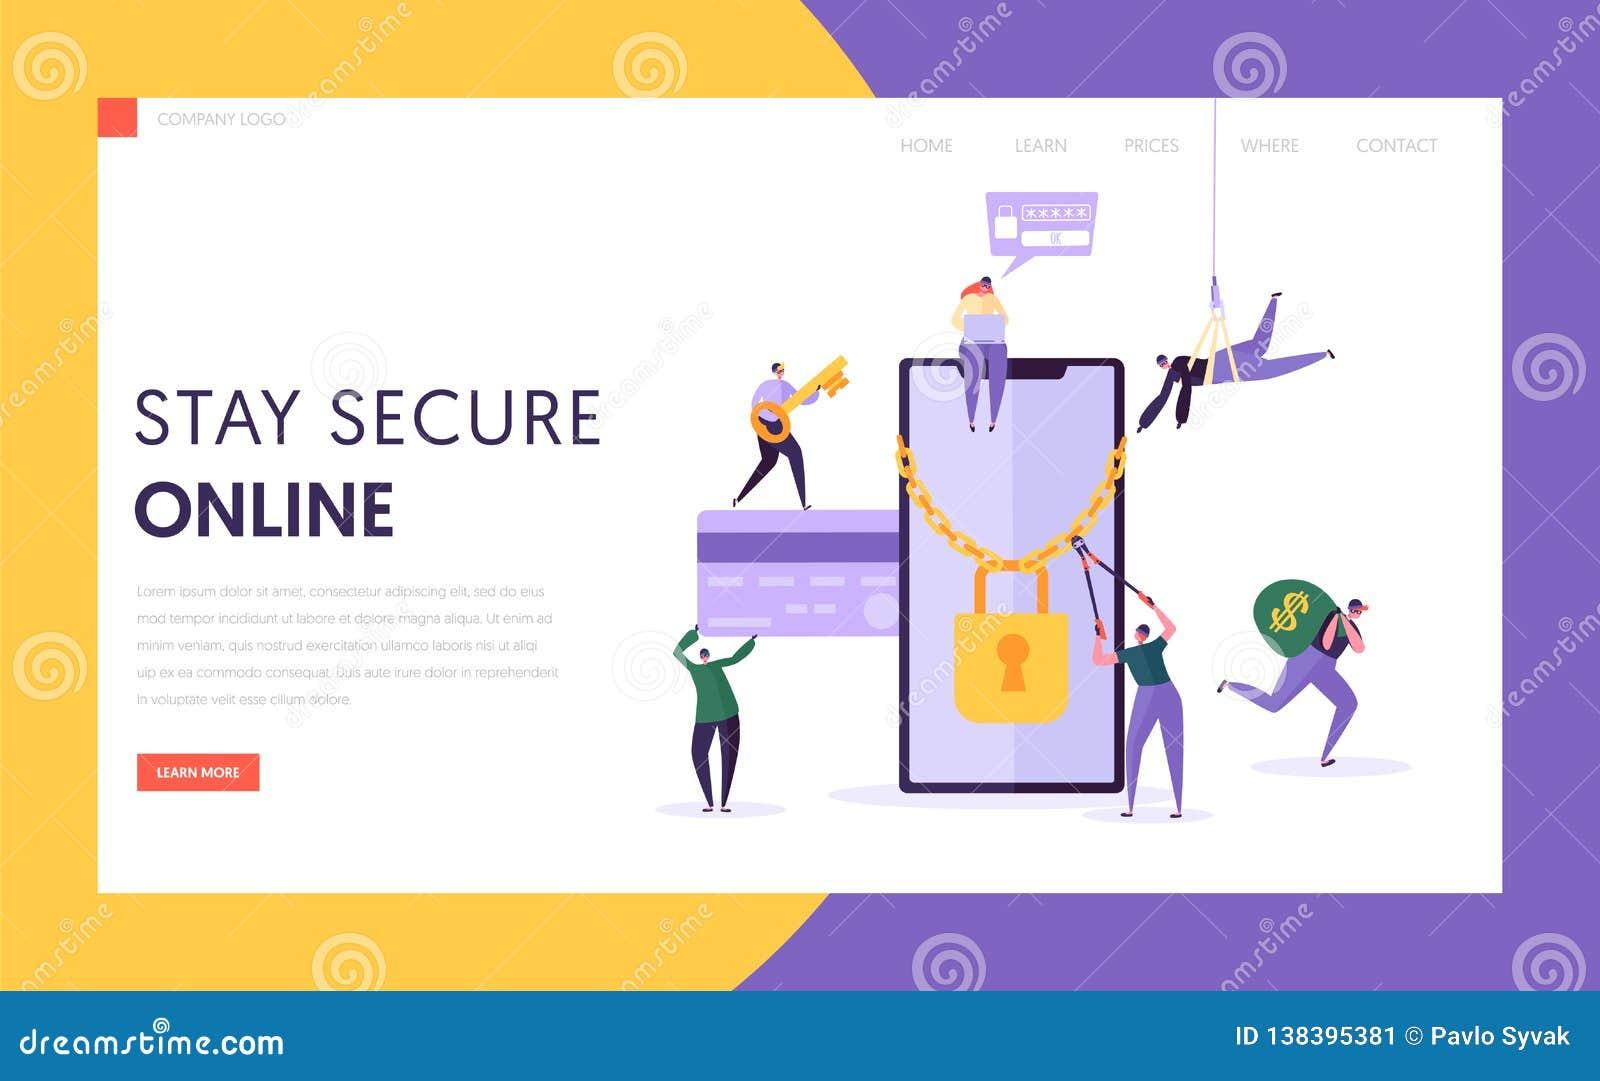 Telefon-Internet-Zahlungs-Passwort-Sicherheits-Landungs-Seite Hacker-Schnäppchen-Finanzkreditkarte-Daten von Smartphone-Schirm